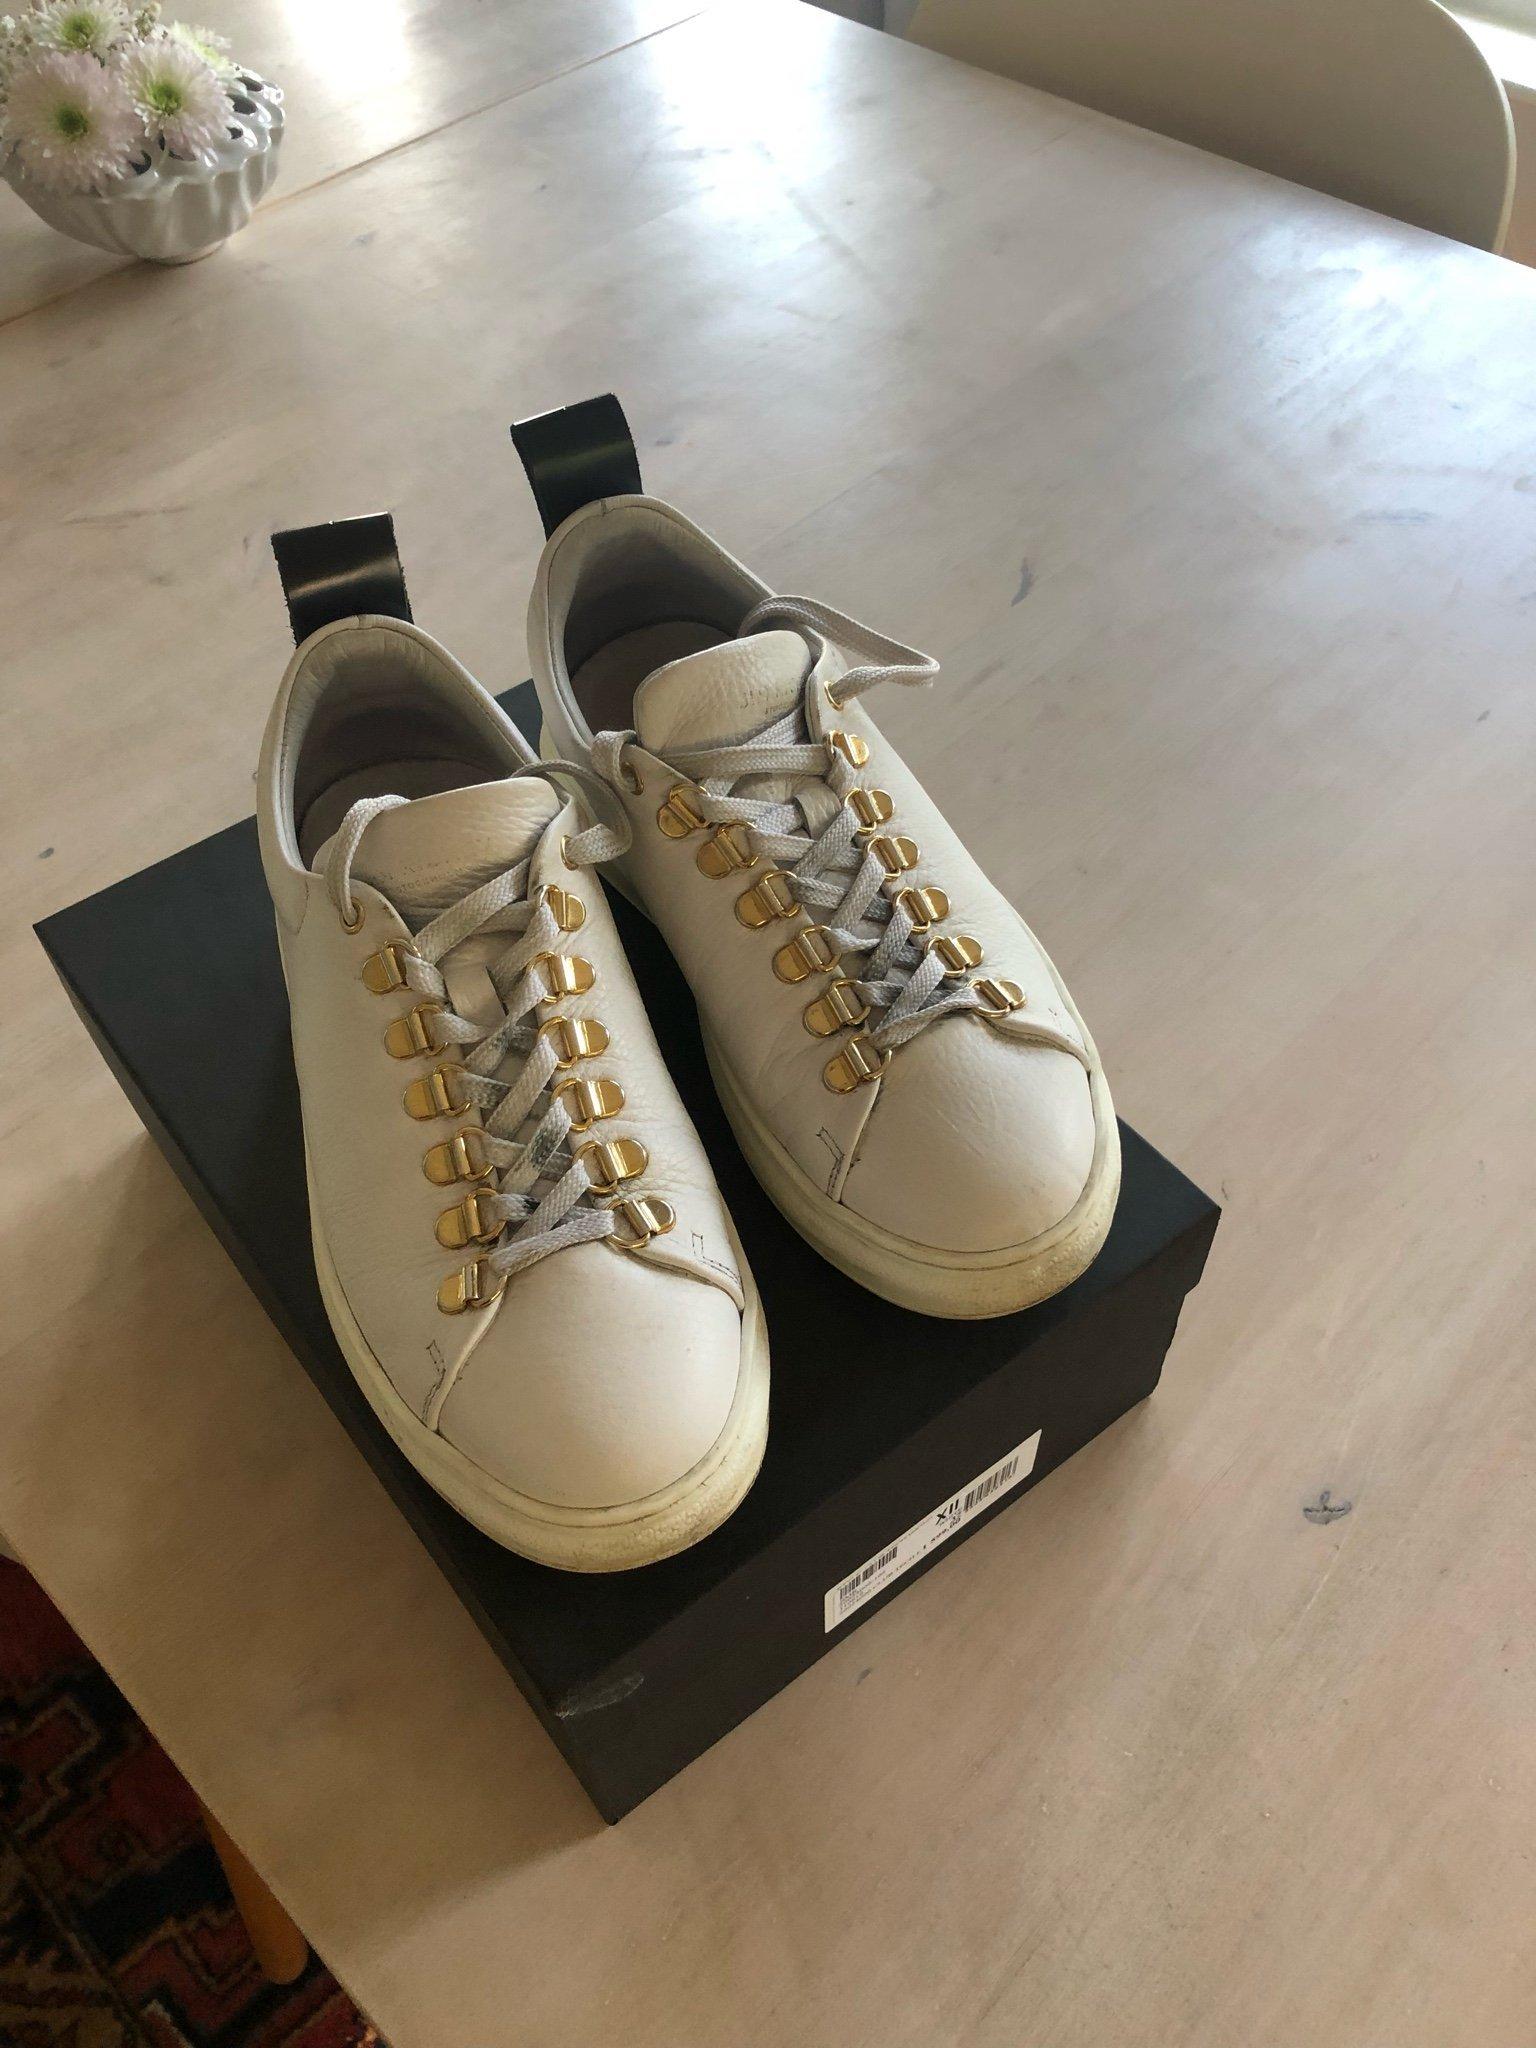 347111fd5ca Fina sneakers från Jim rickey (355049831) ᐈ Köp på Tradera